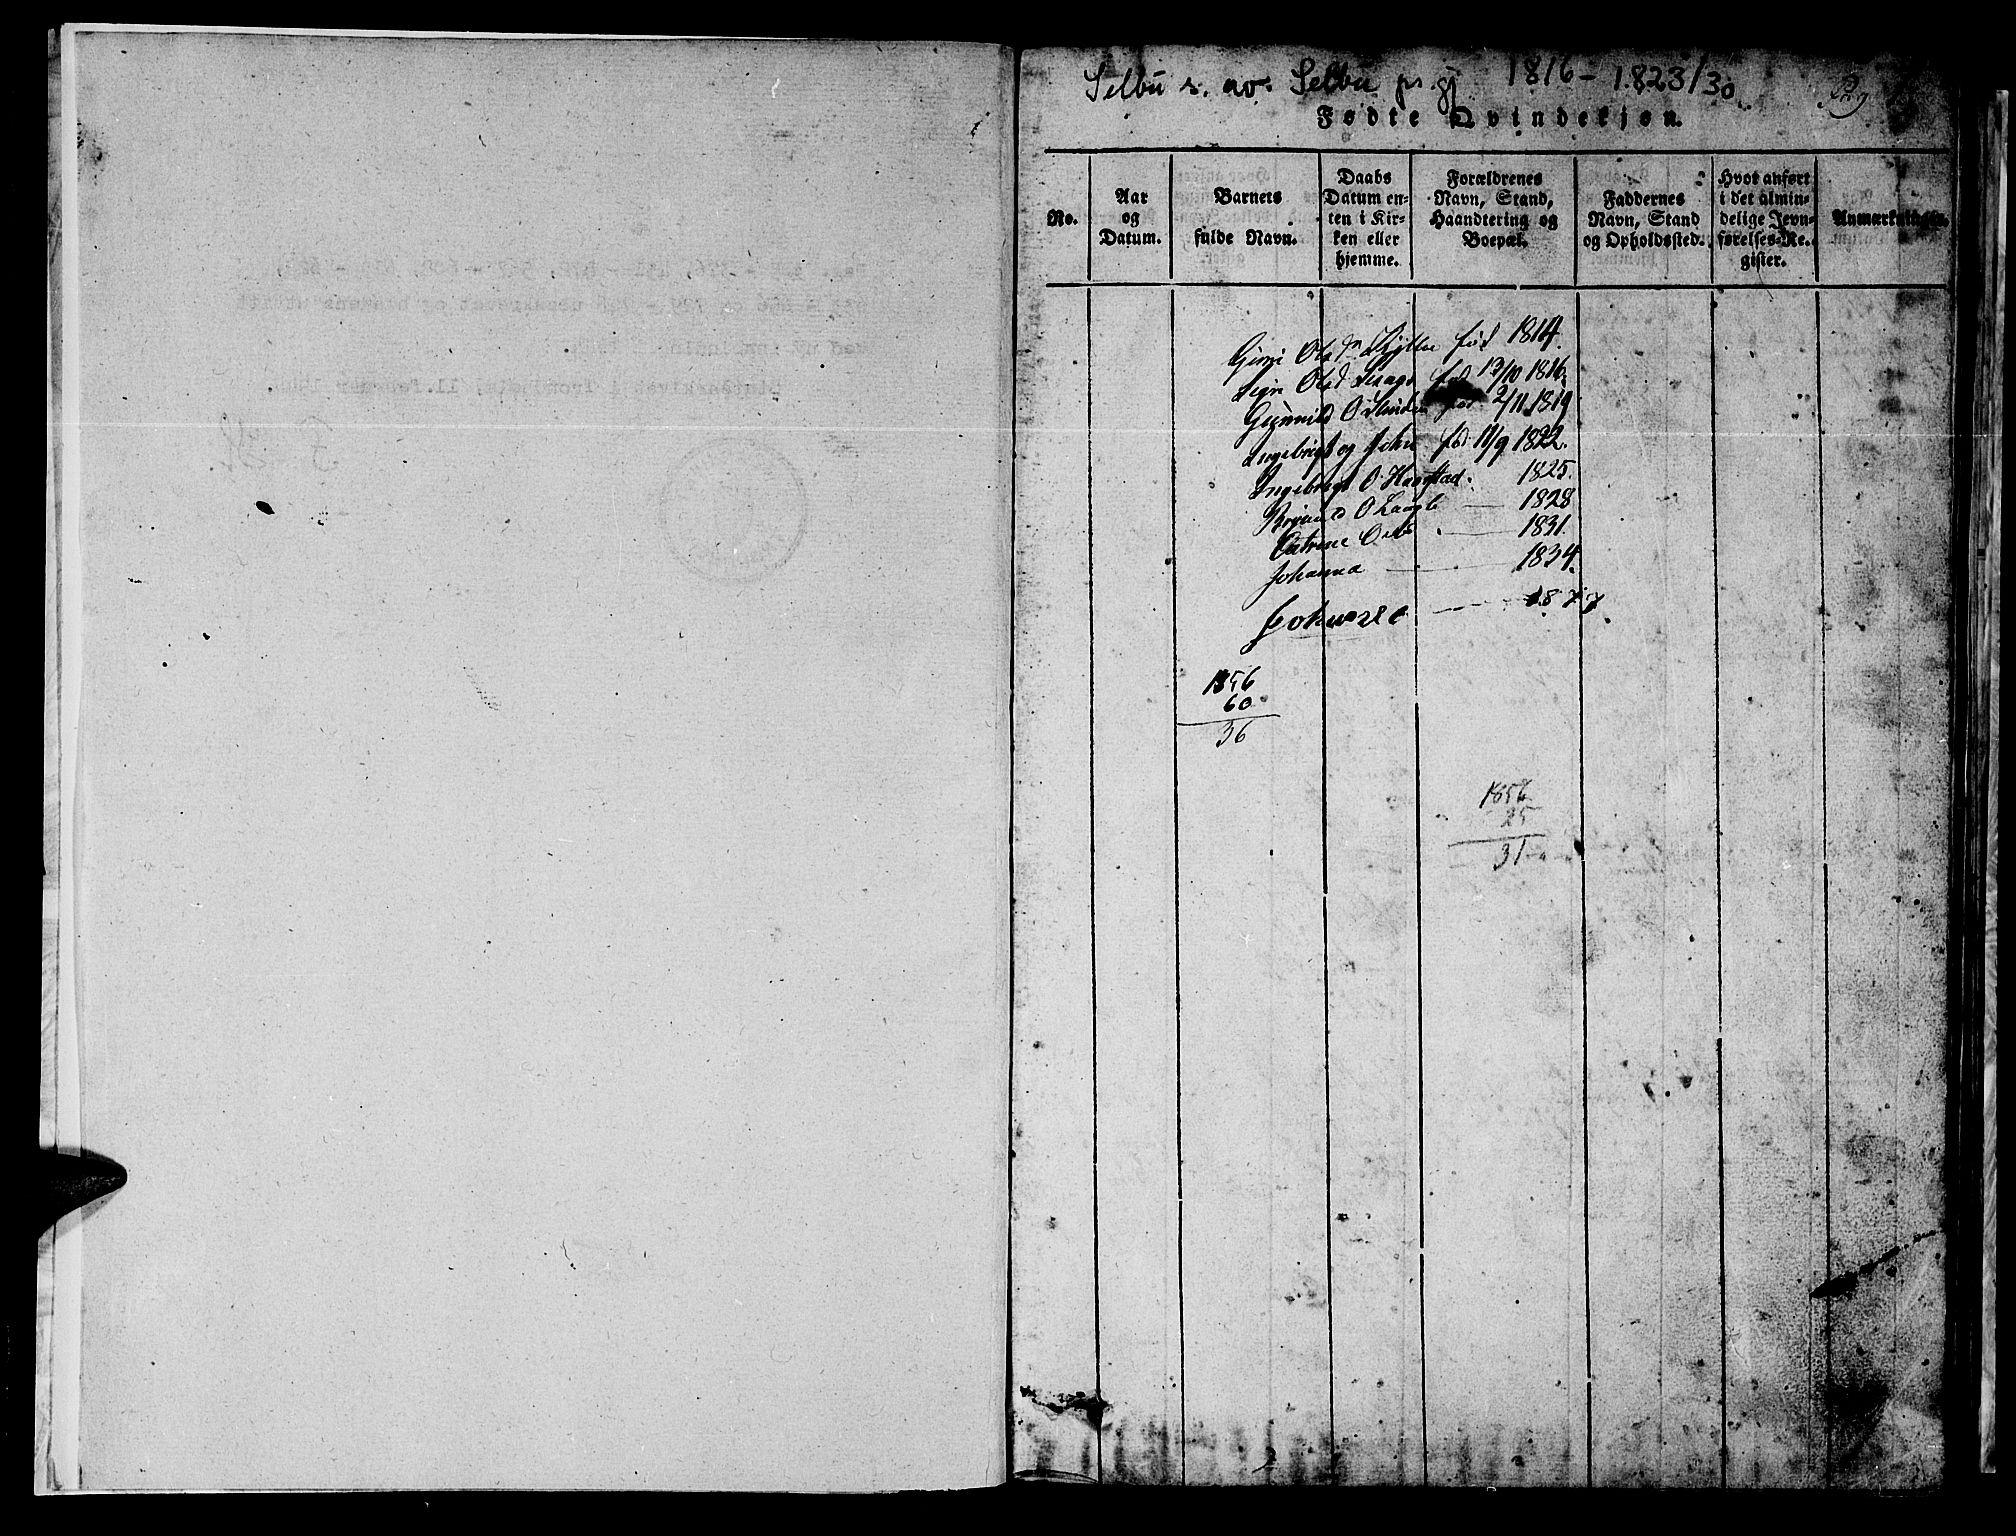 SAT, Ministerialprotokoller, klokkerbøker og fødselsregistre - Sør-Trøndelag, 695/L1152: Klokkerbok nr. 695C03, 1816-1831, s. 0-1